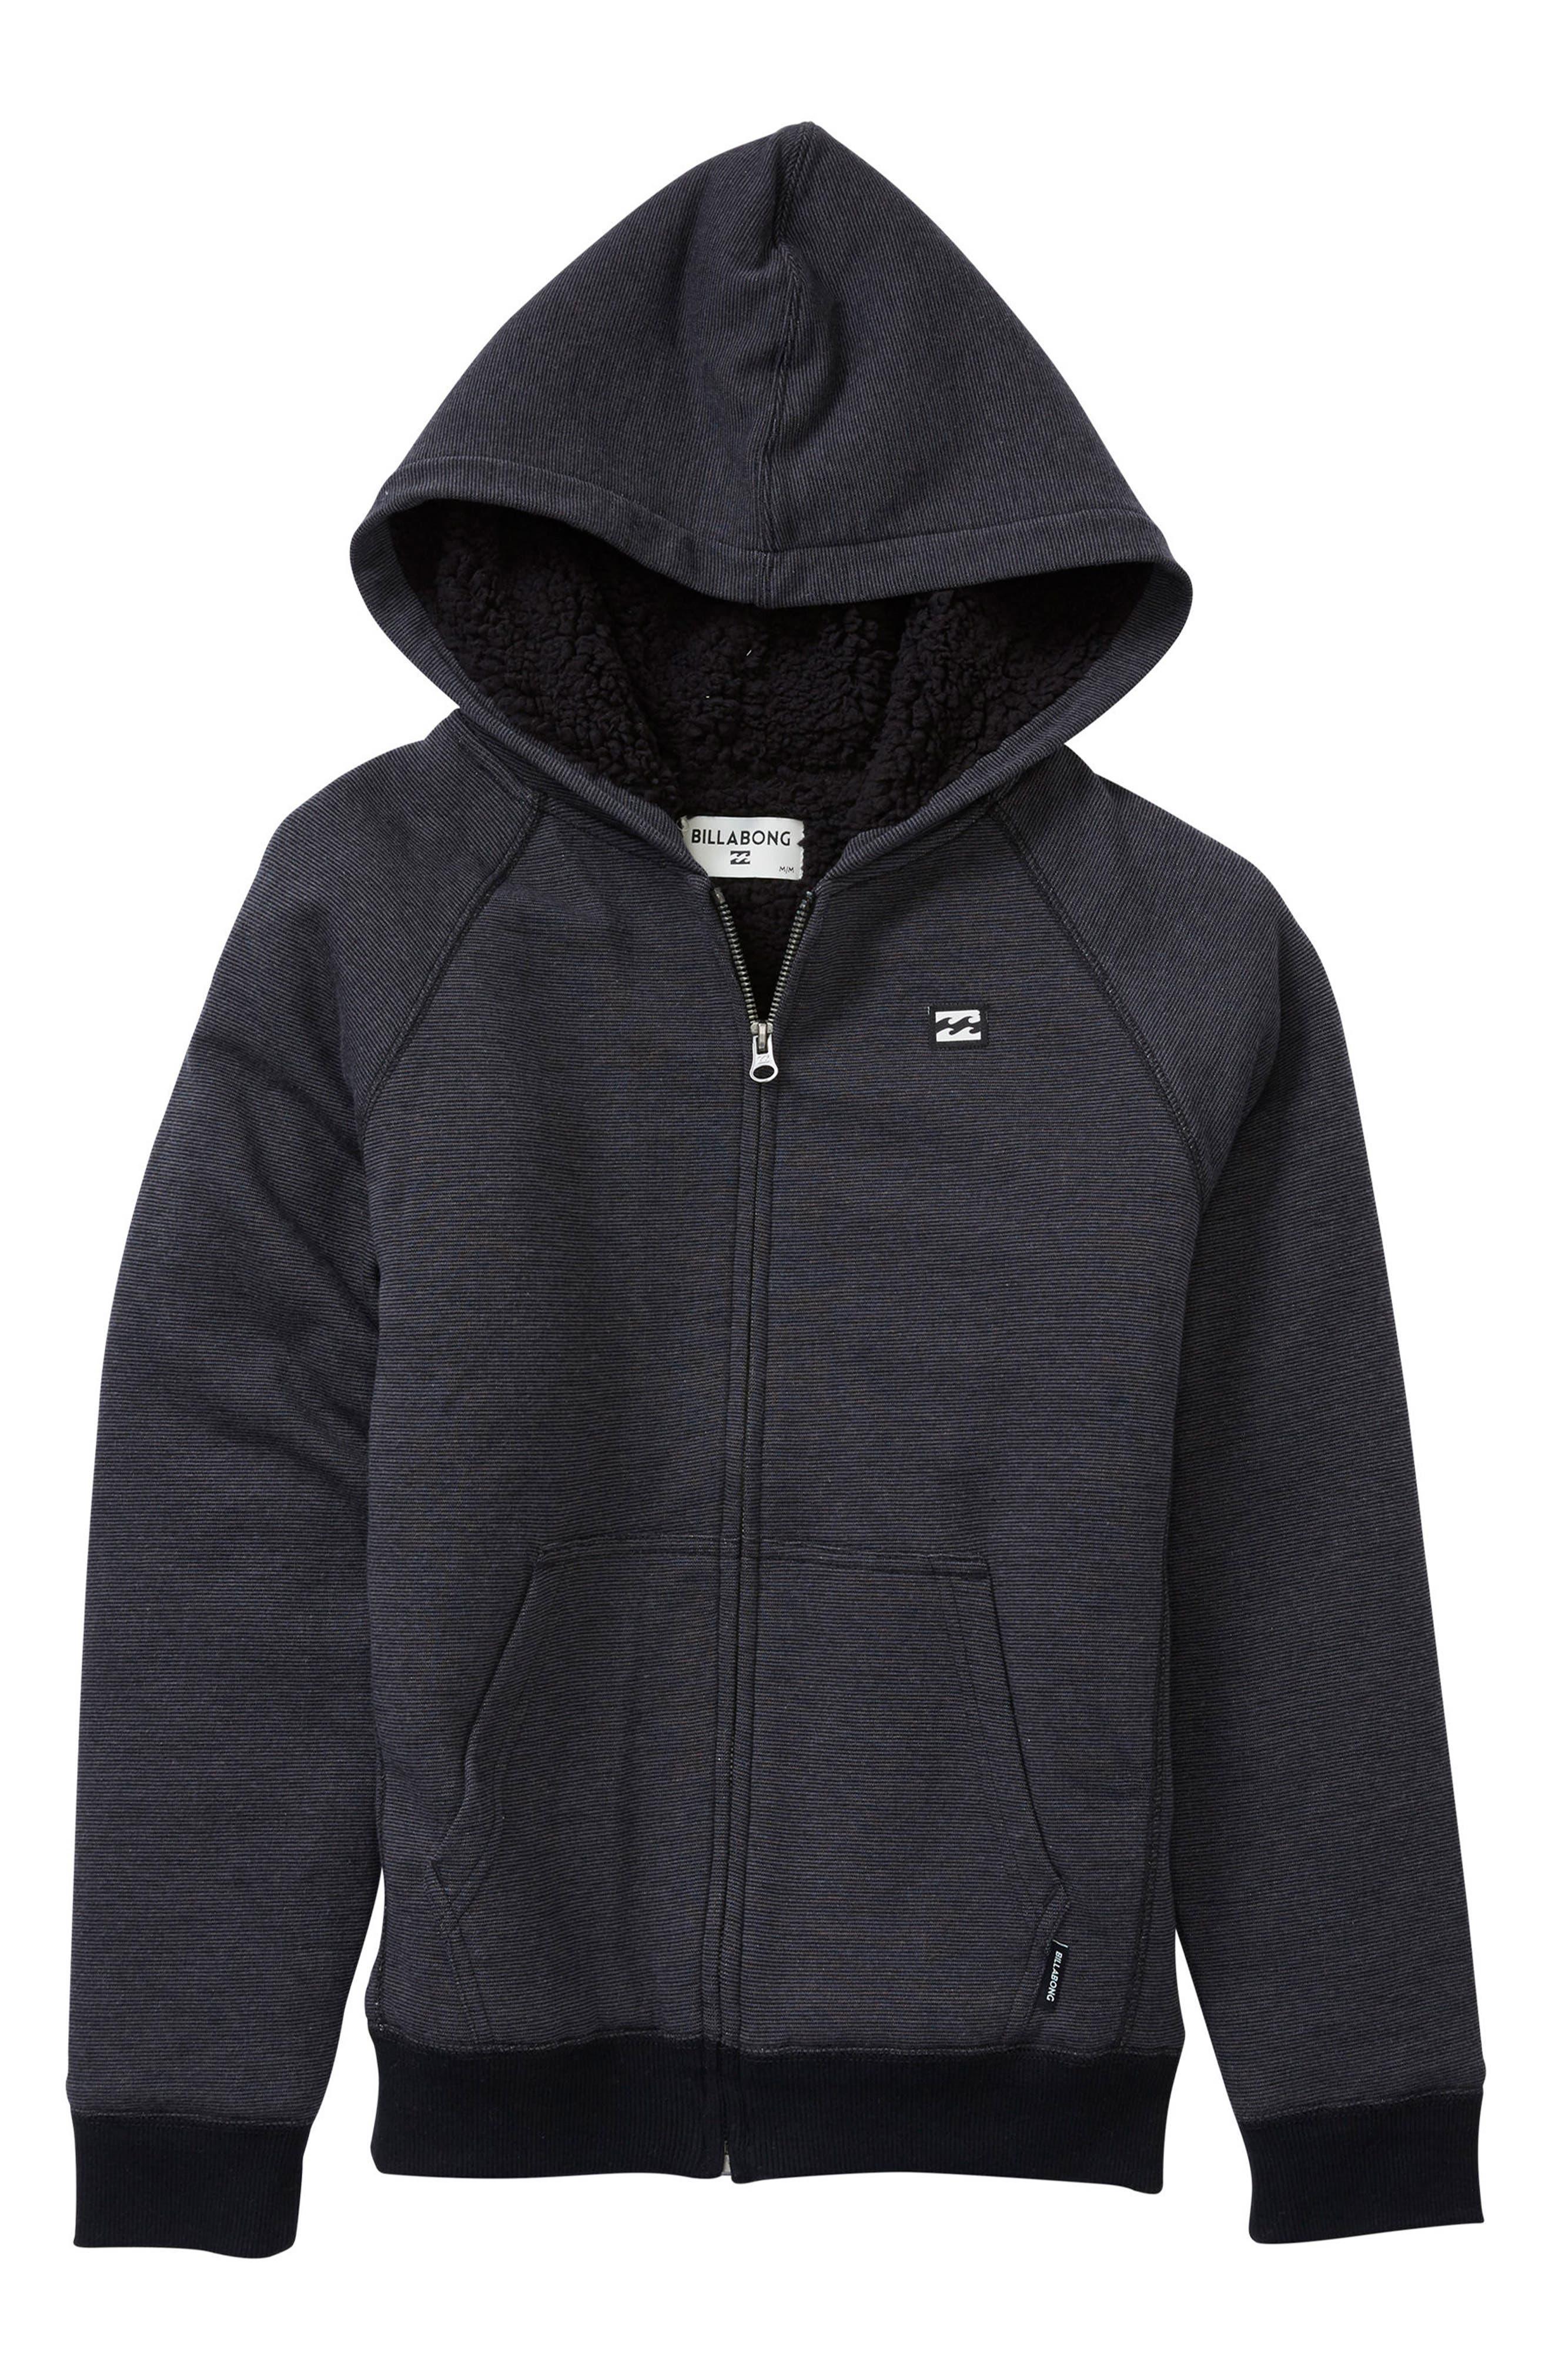 Balance Fleece Lined Zip Hoodie,                         Main,                         color, 002